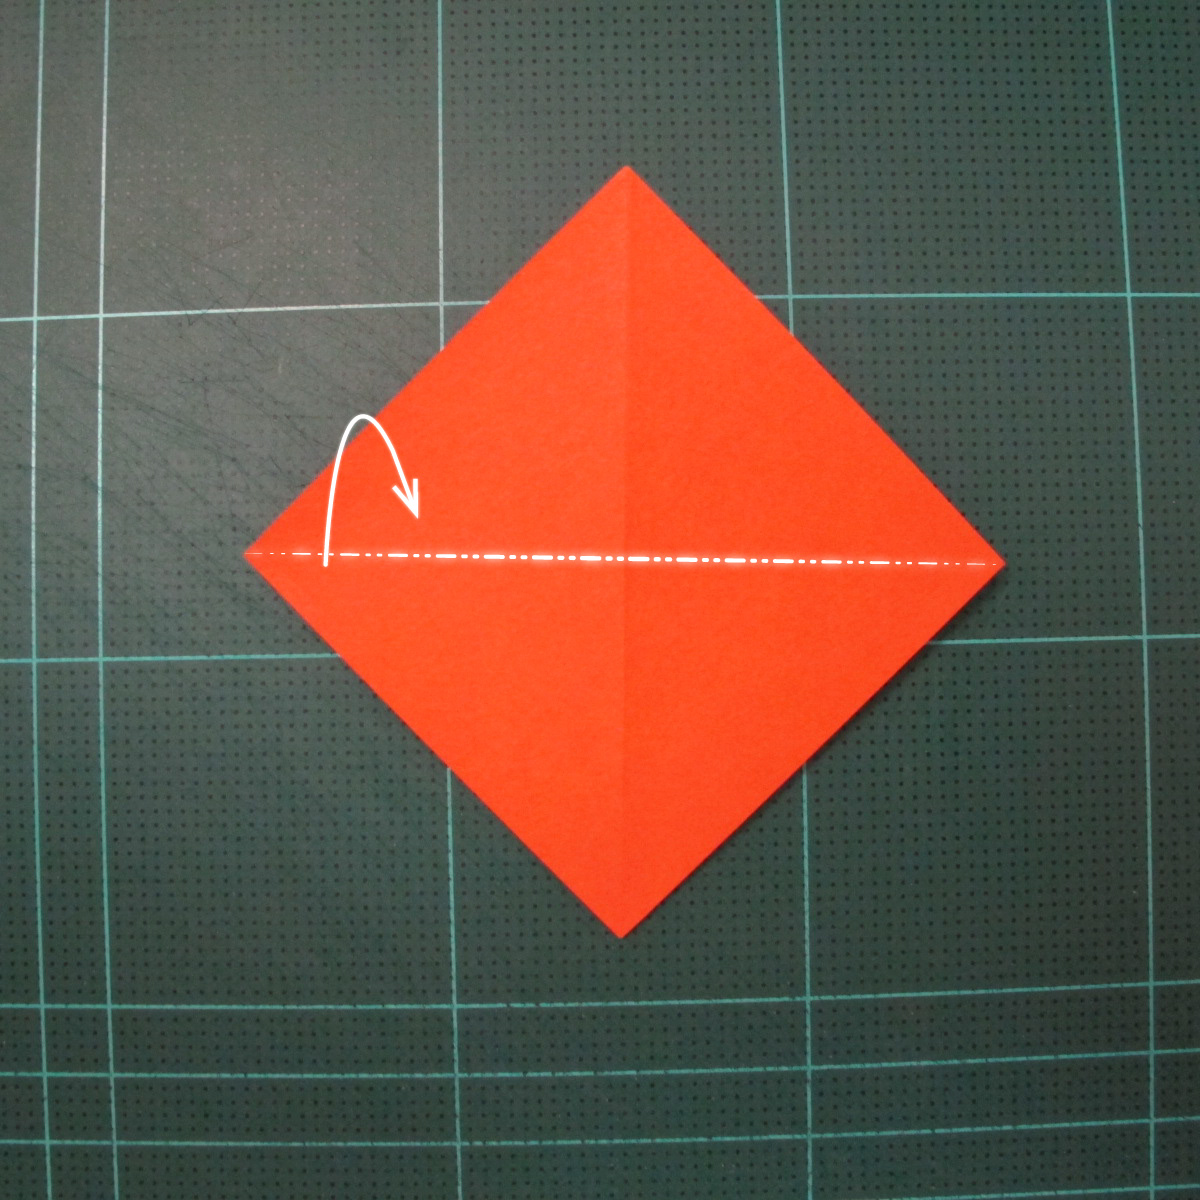 การพับกระดาษเป็นรูปเรือใบ (Origami Sail Boat) 003